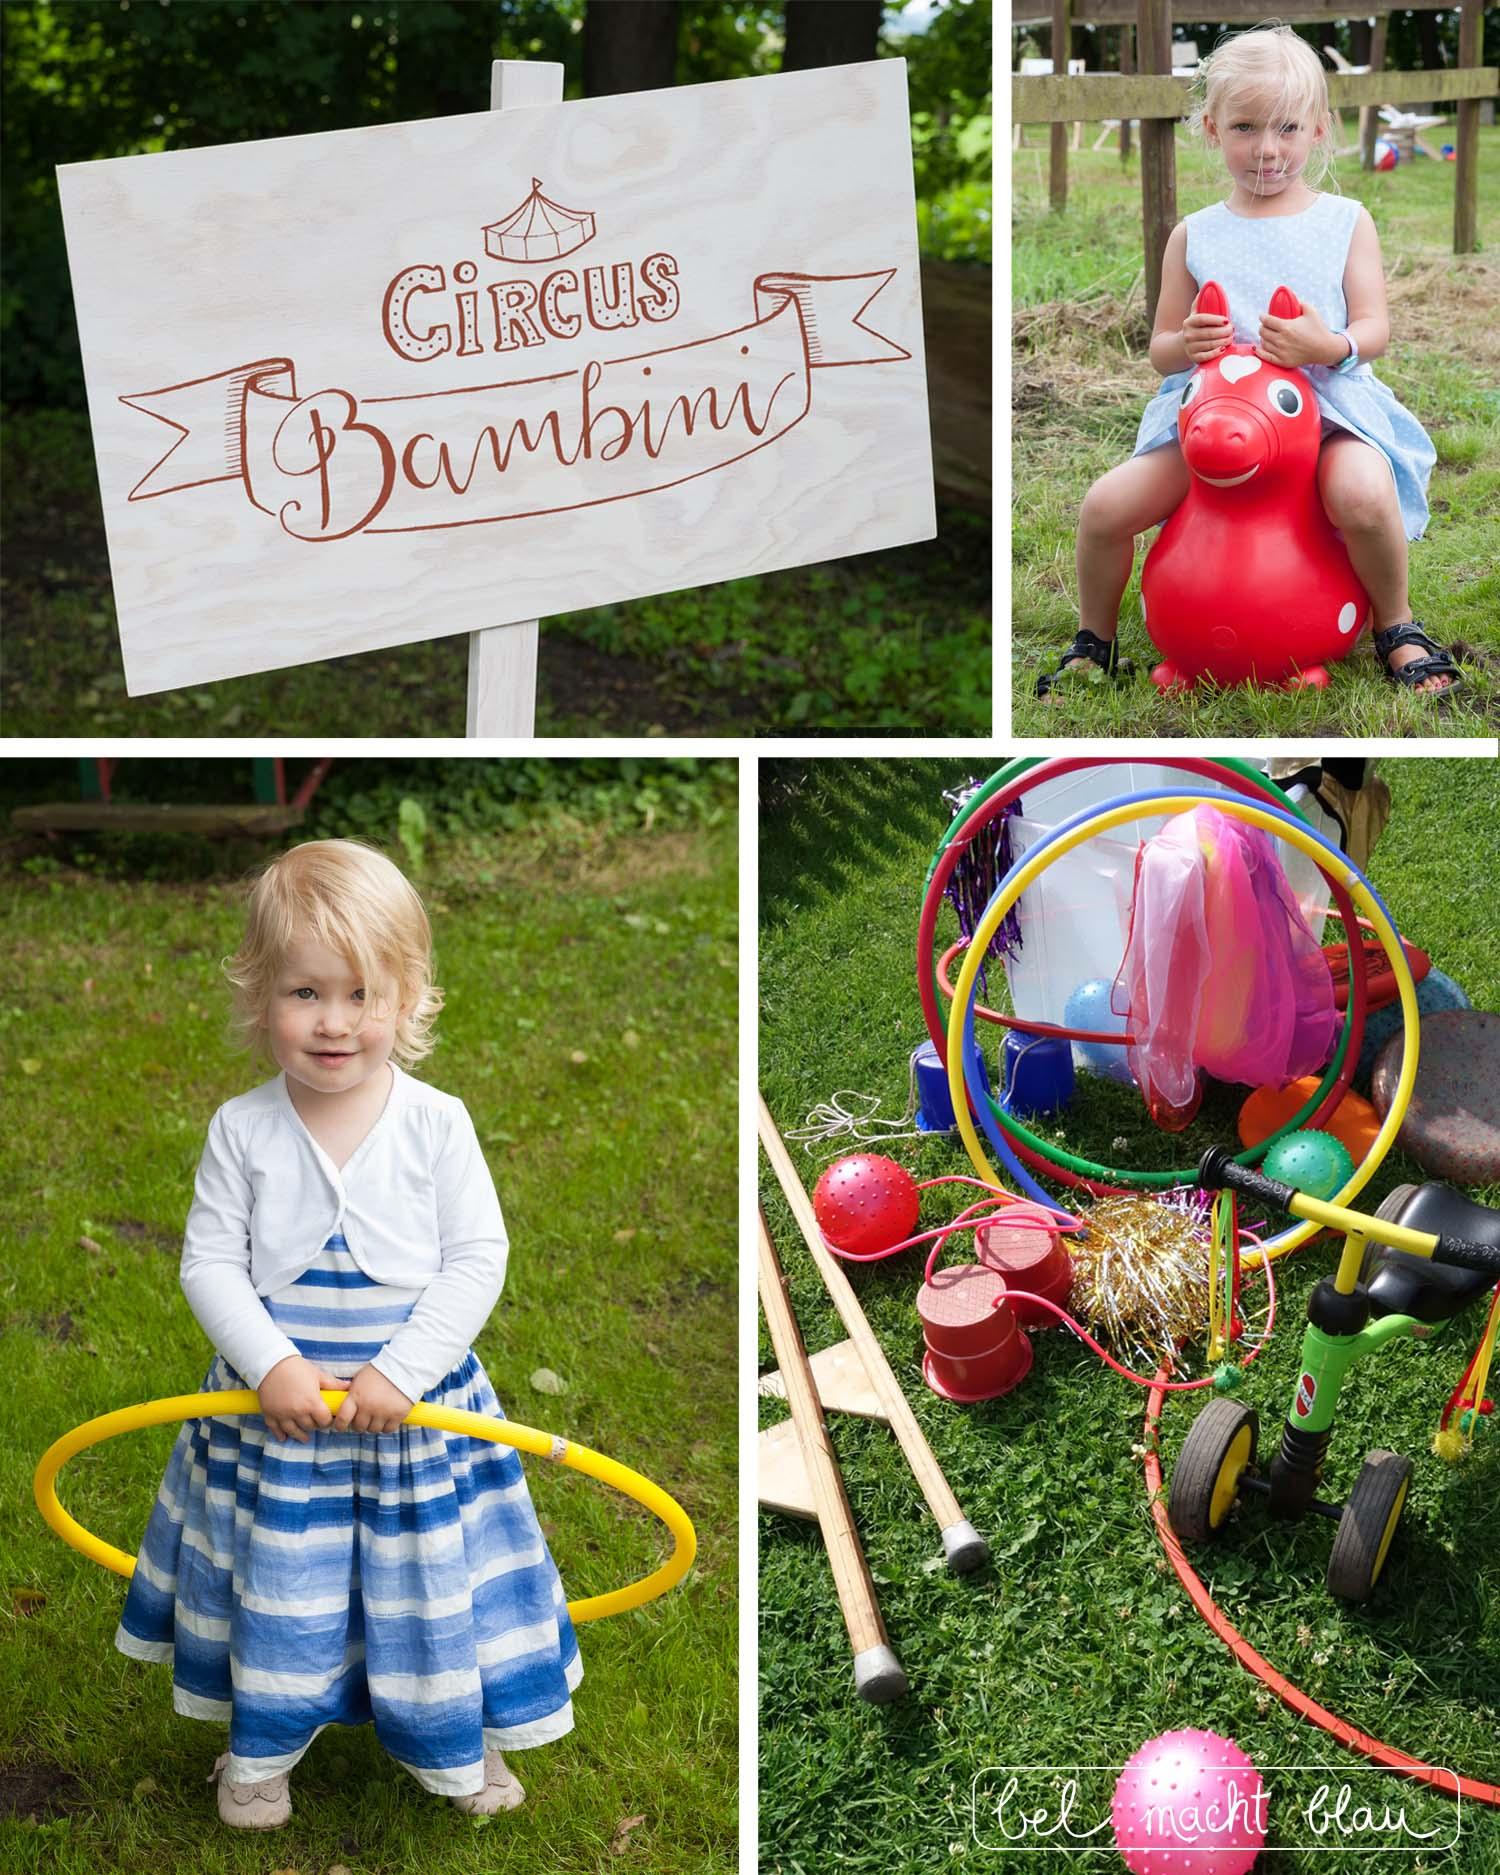 Hochzeit mit Kindern - die besten Beschäftigungsideen - Kinderzirkus Circus Bambini